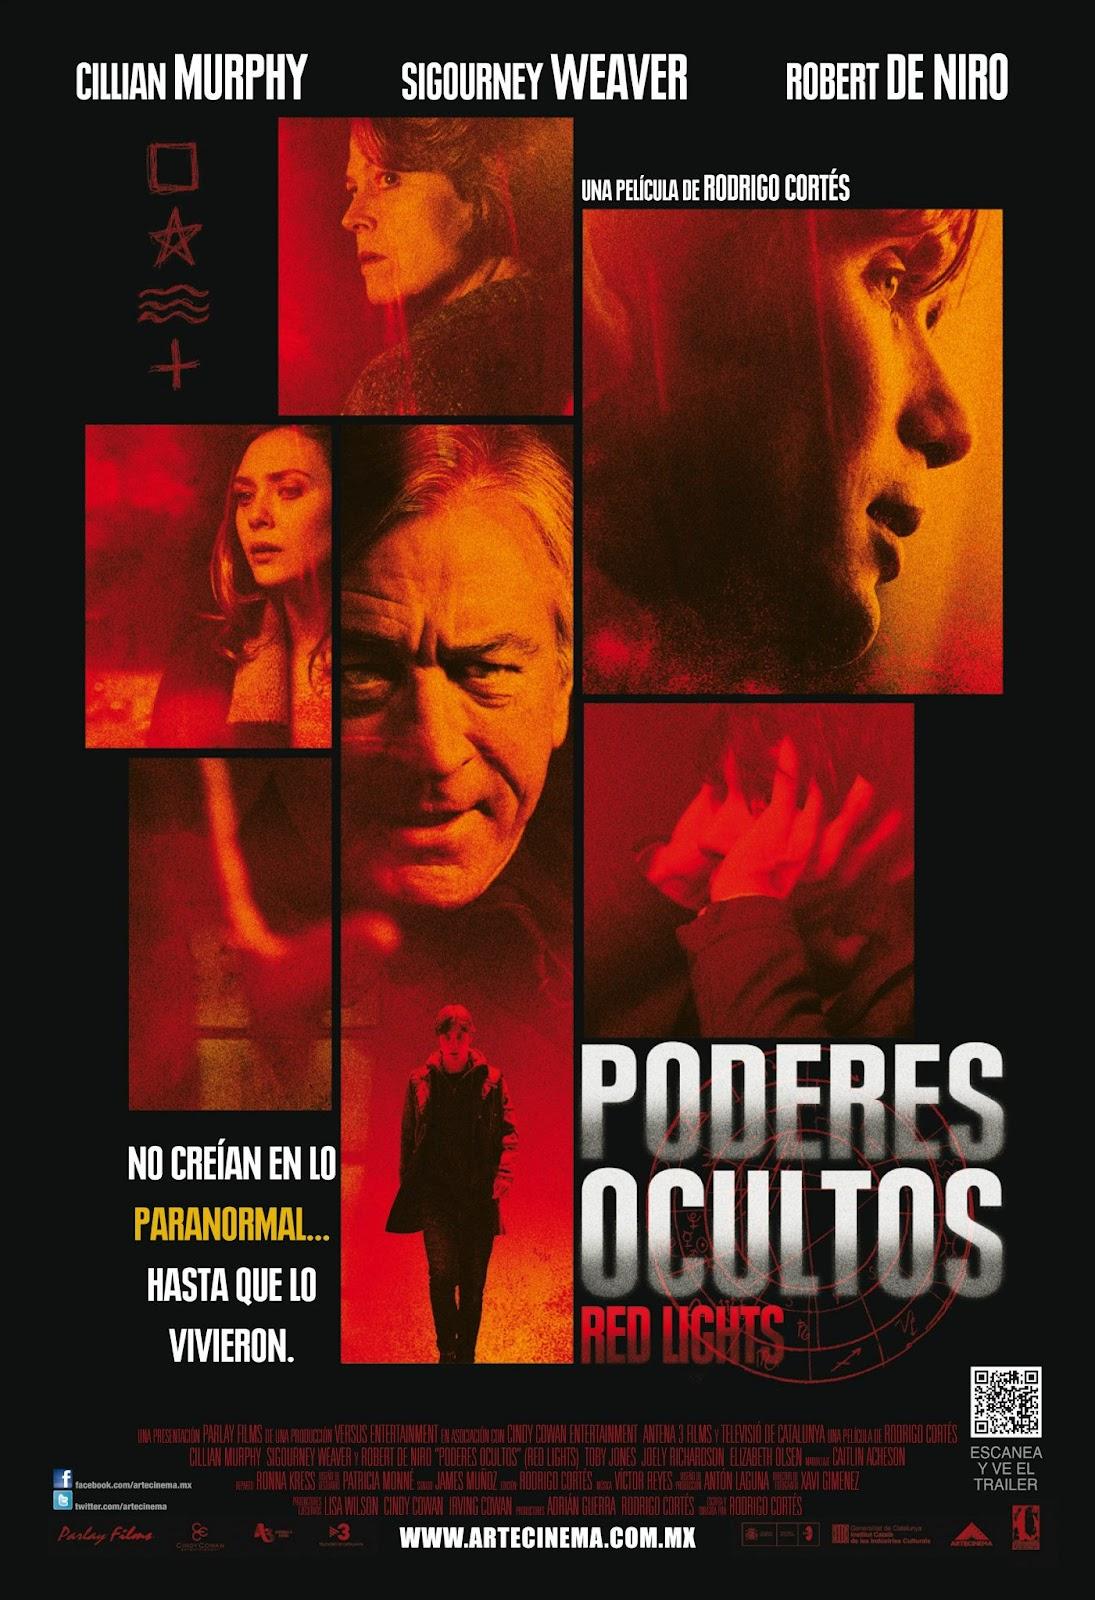 Acción, terror y drama se vivirá este enero en las salas de cine